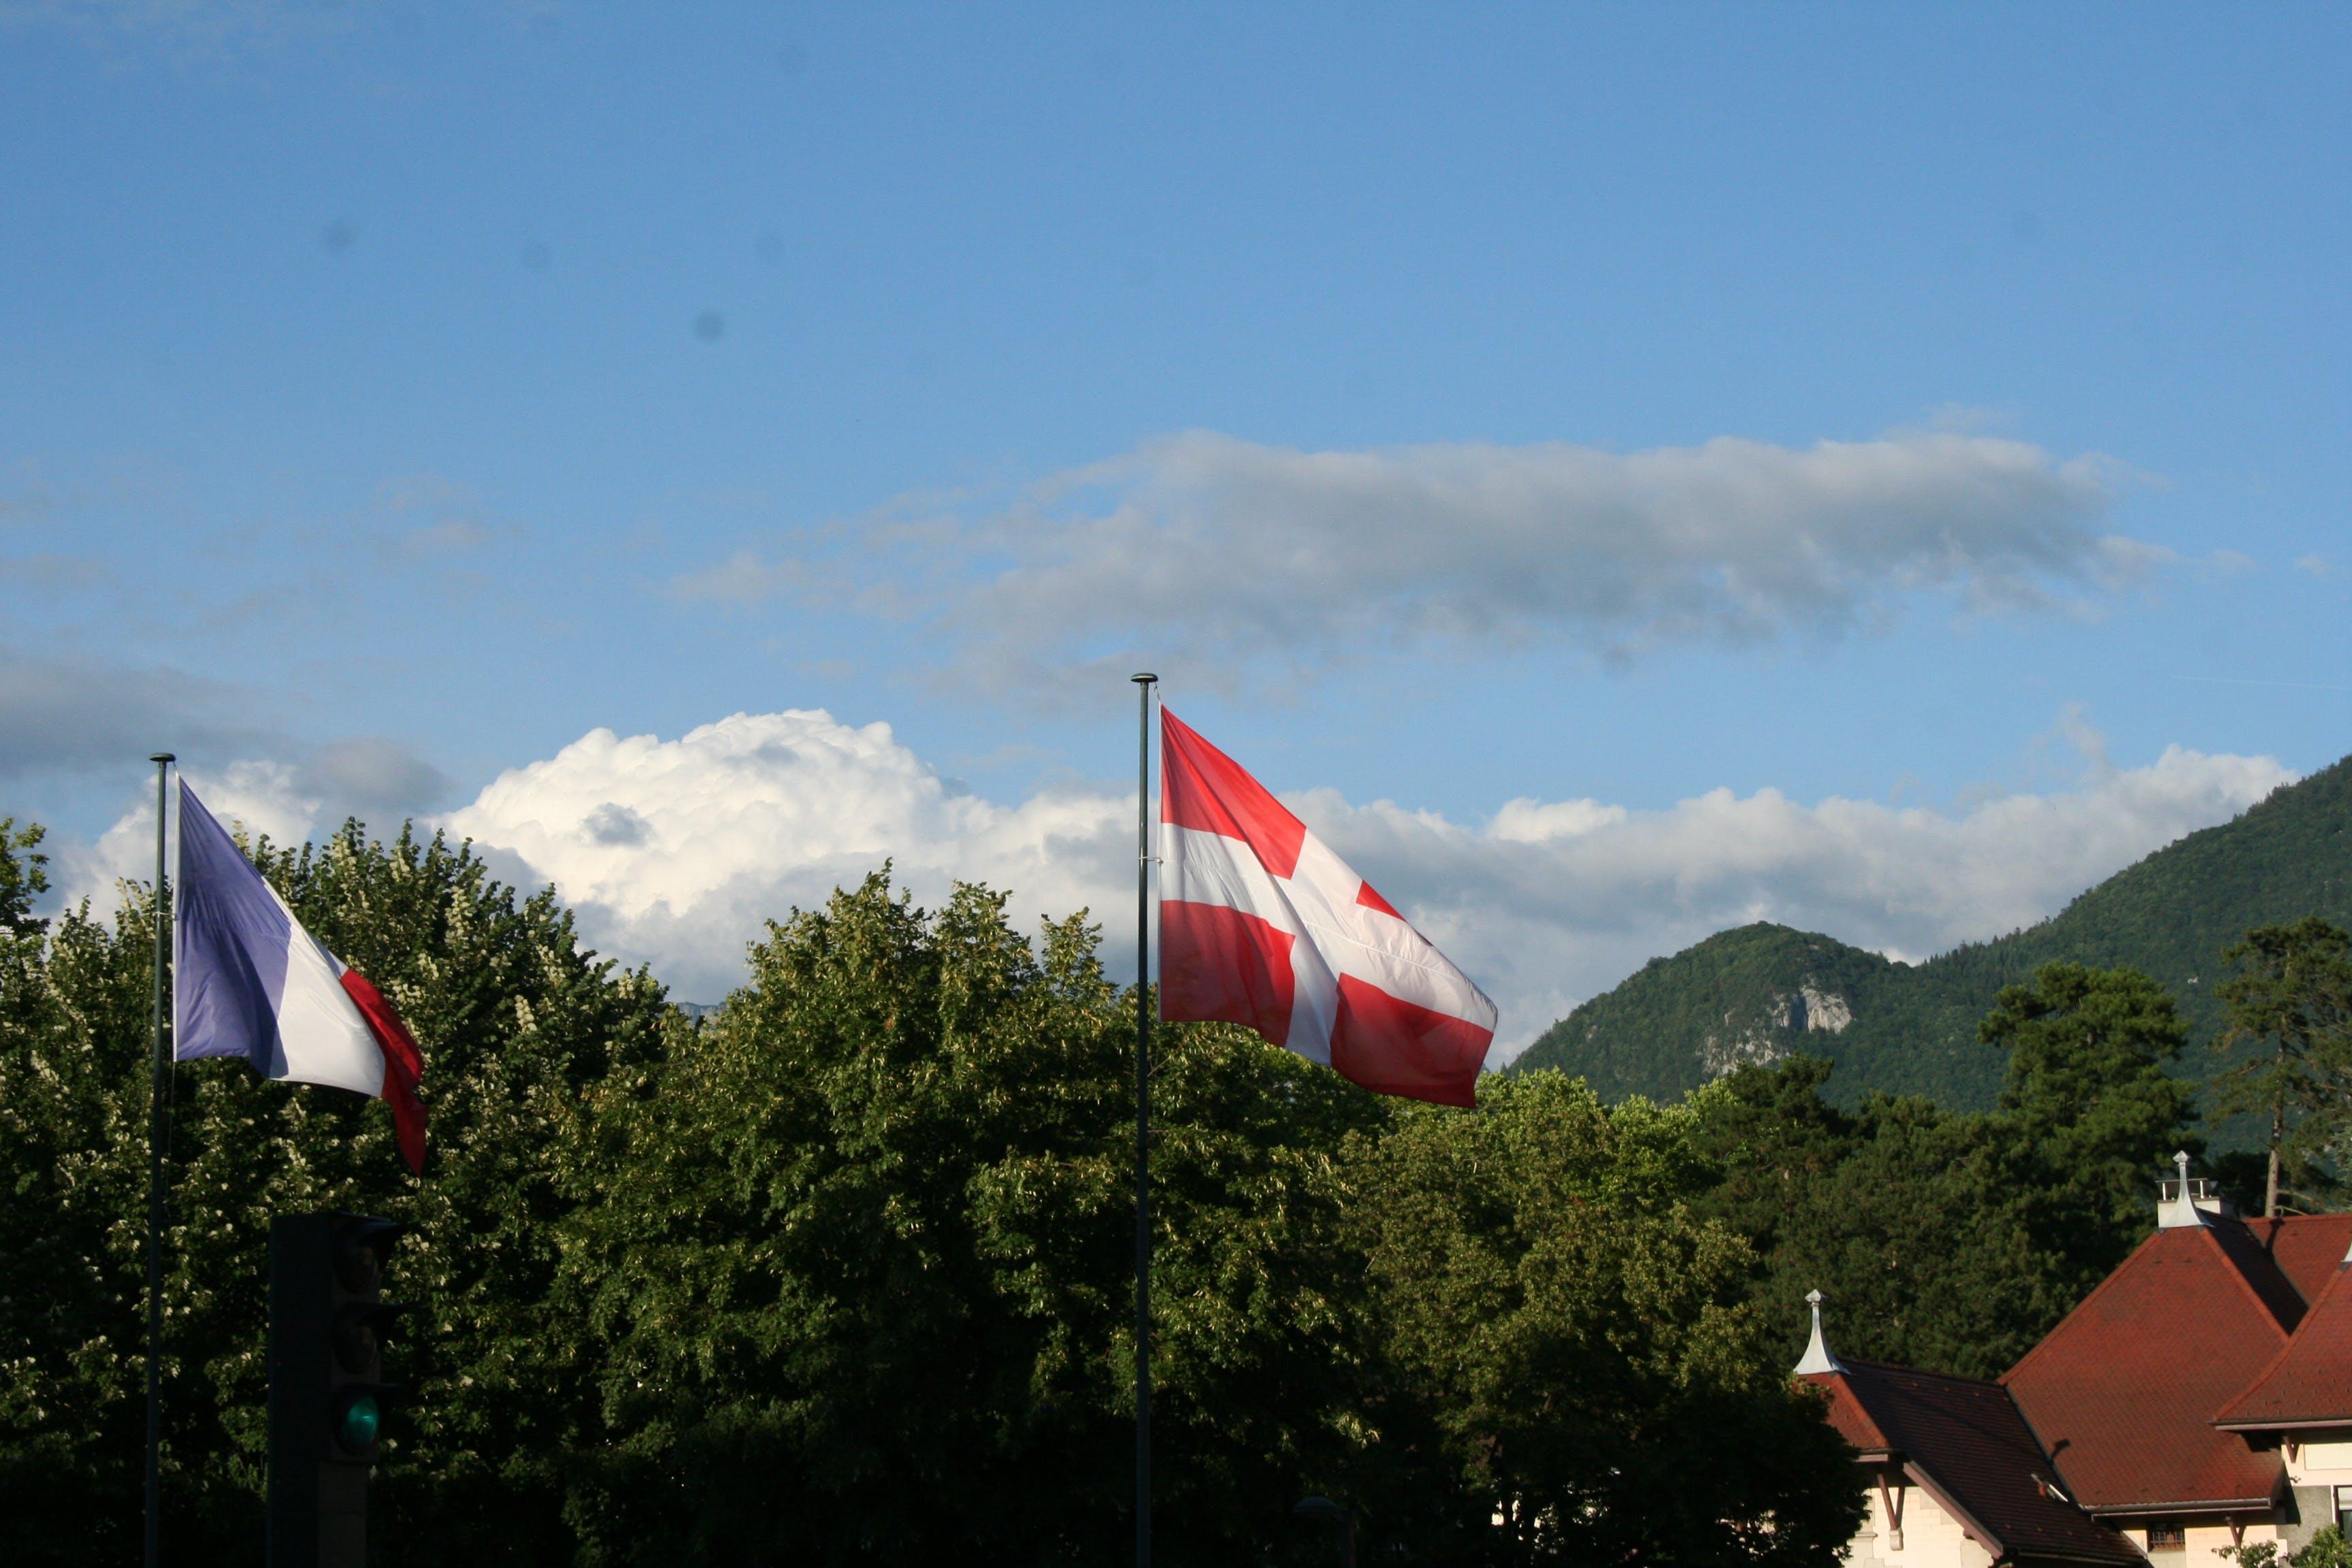 Switzerland Flag on Pole